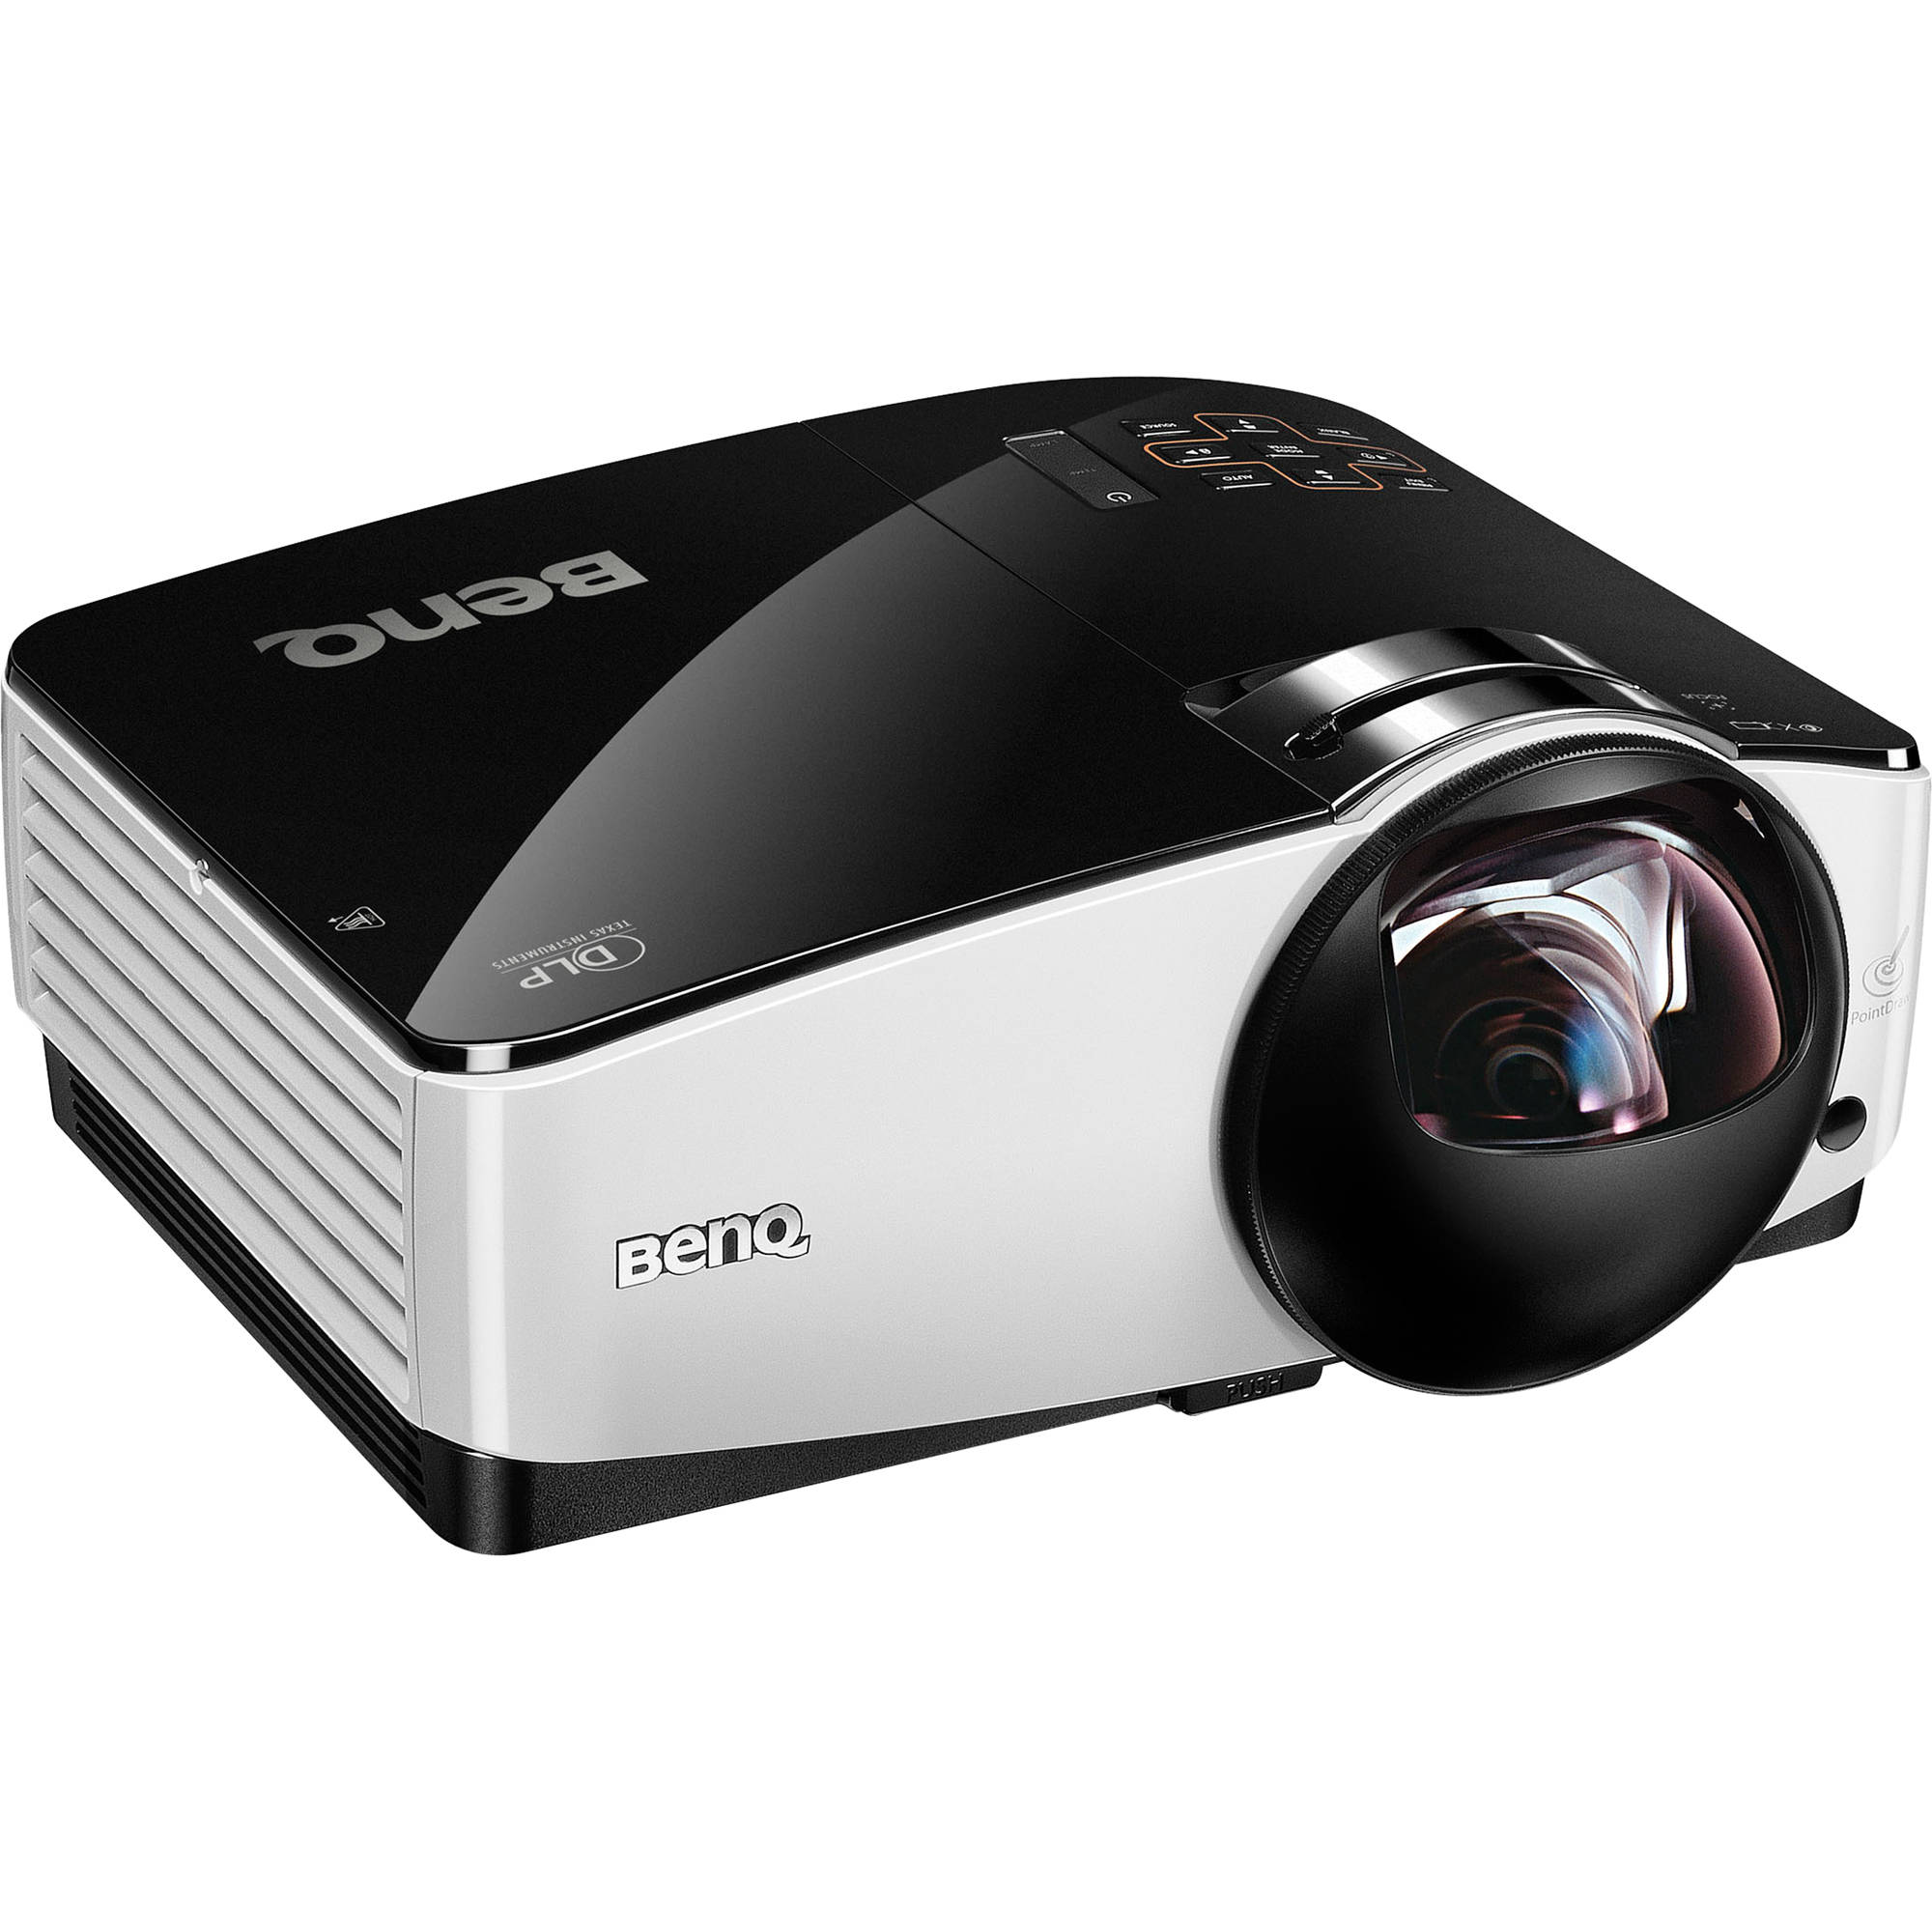 Benq ultra short throw projector